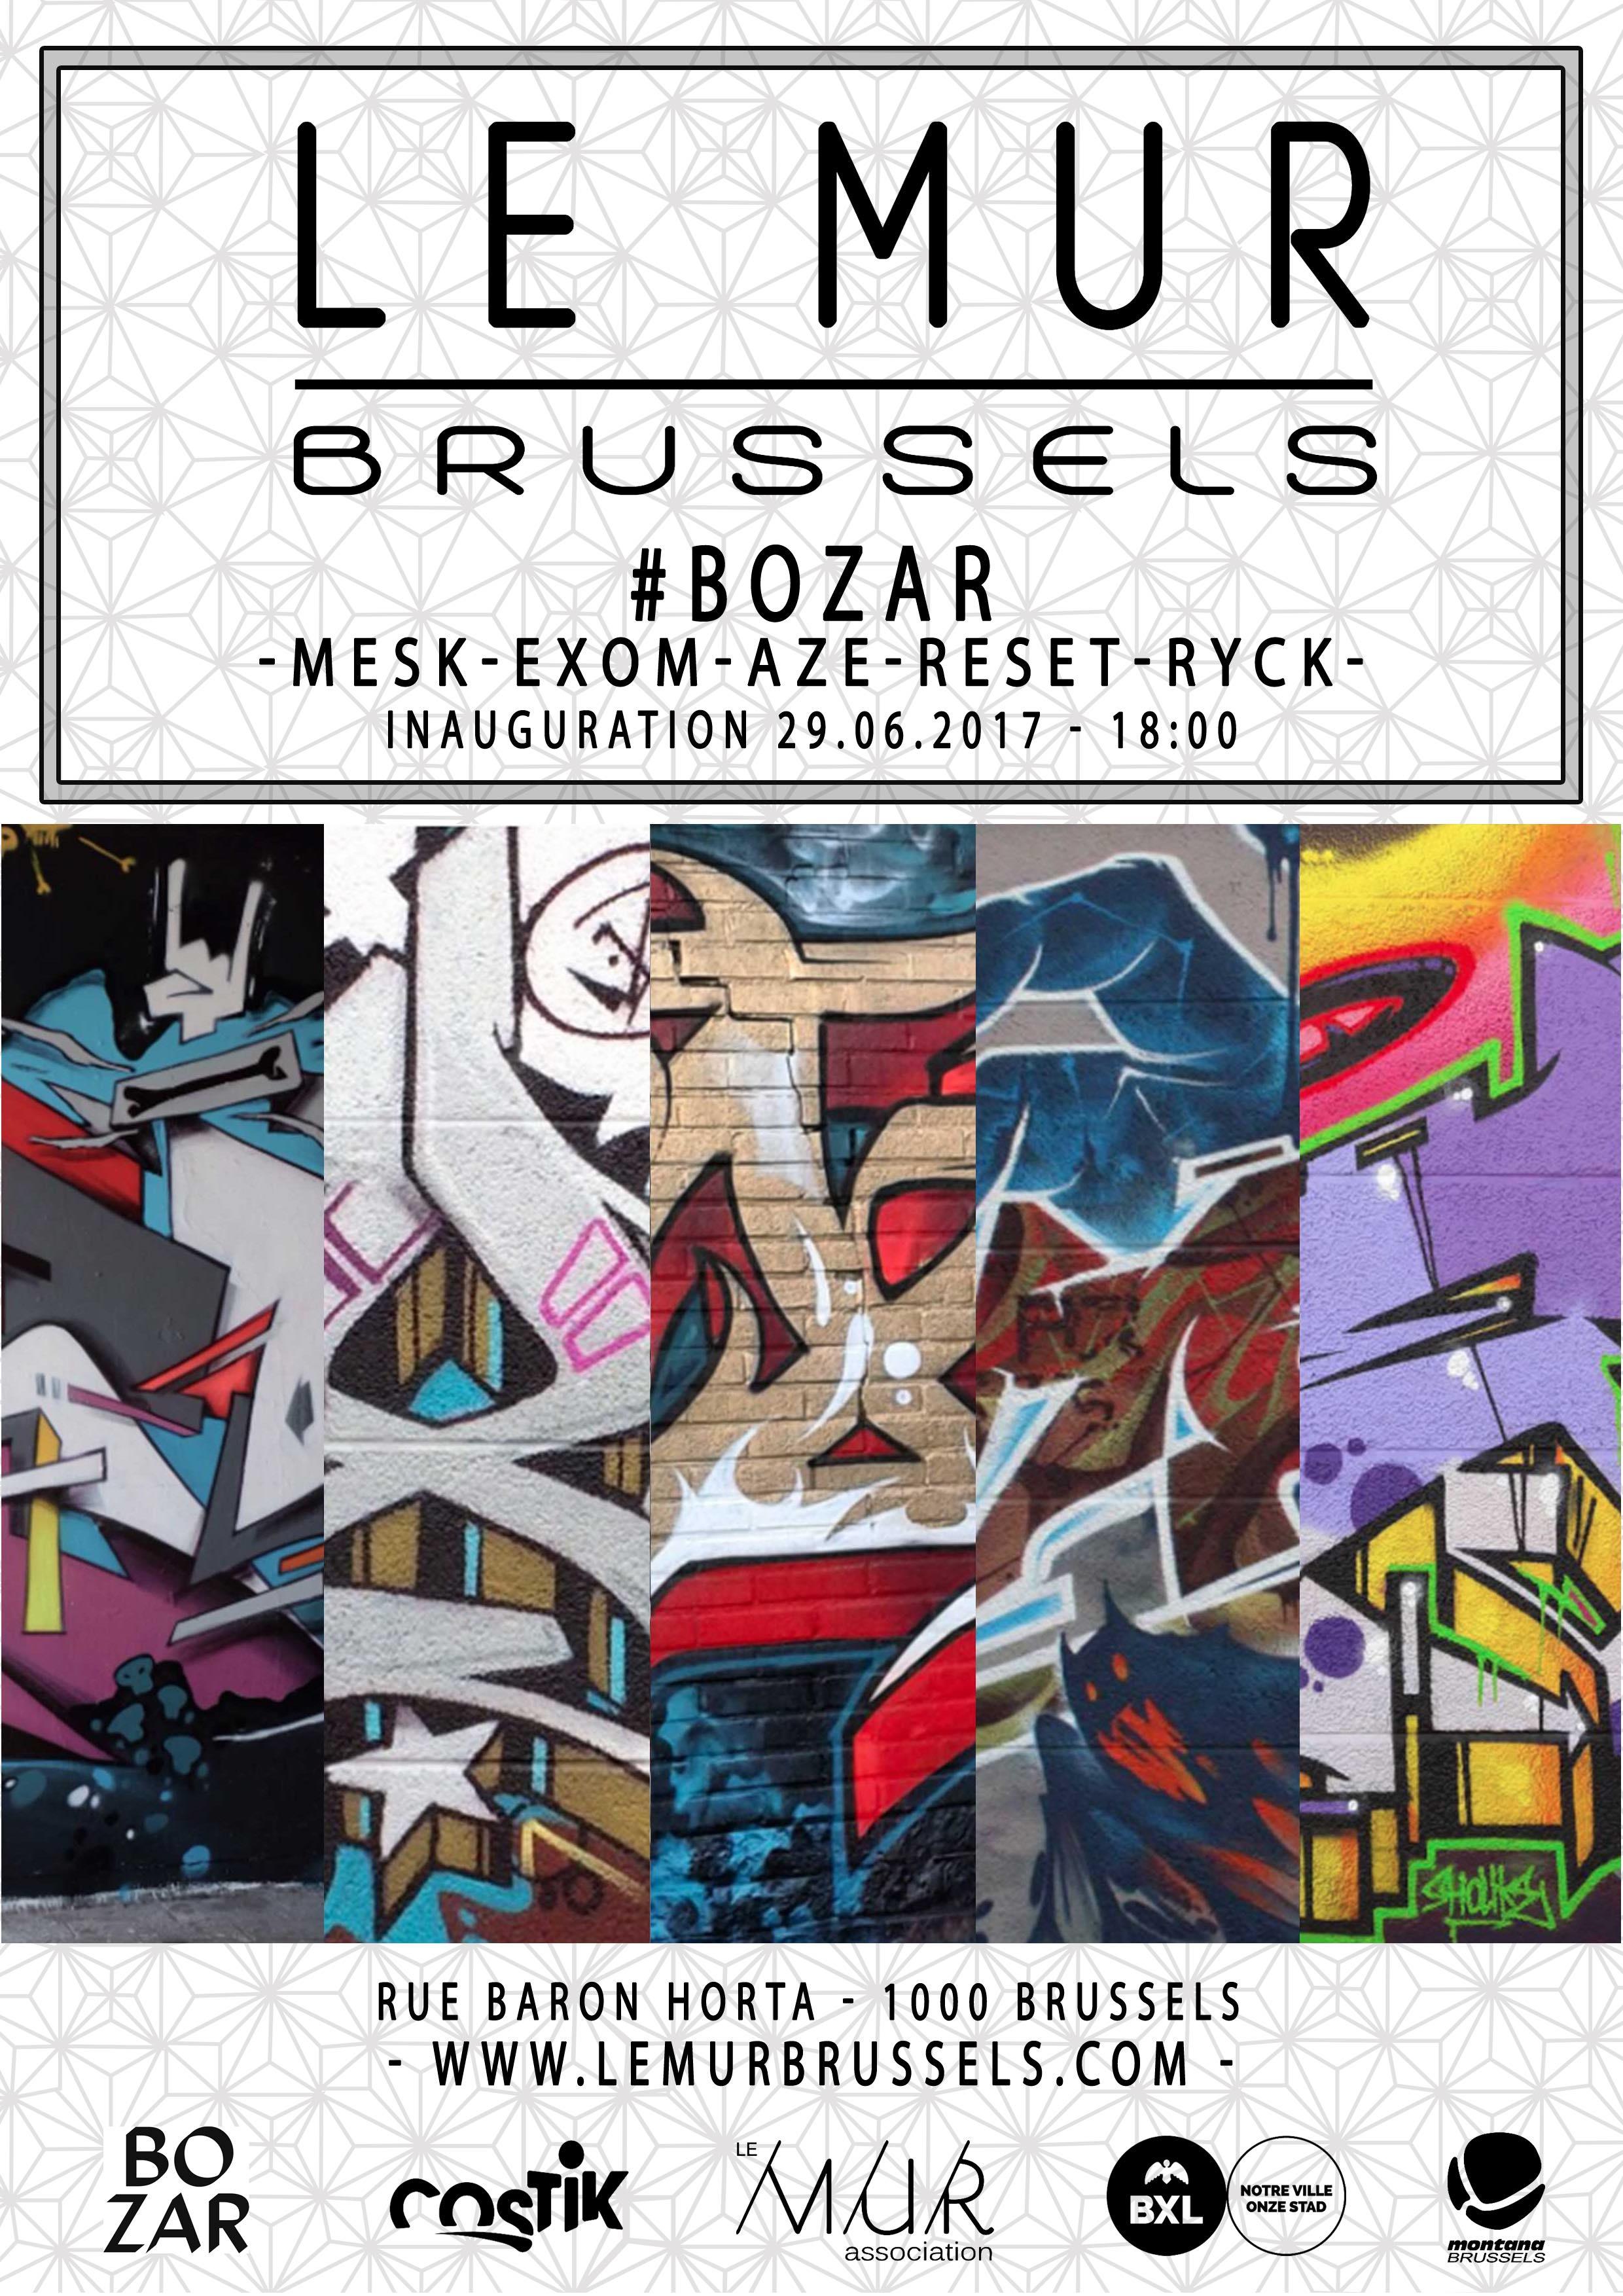 Le MUR Brussels #bozar